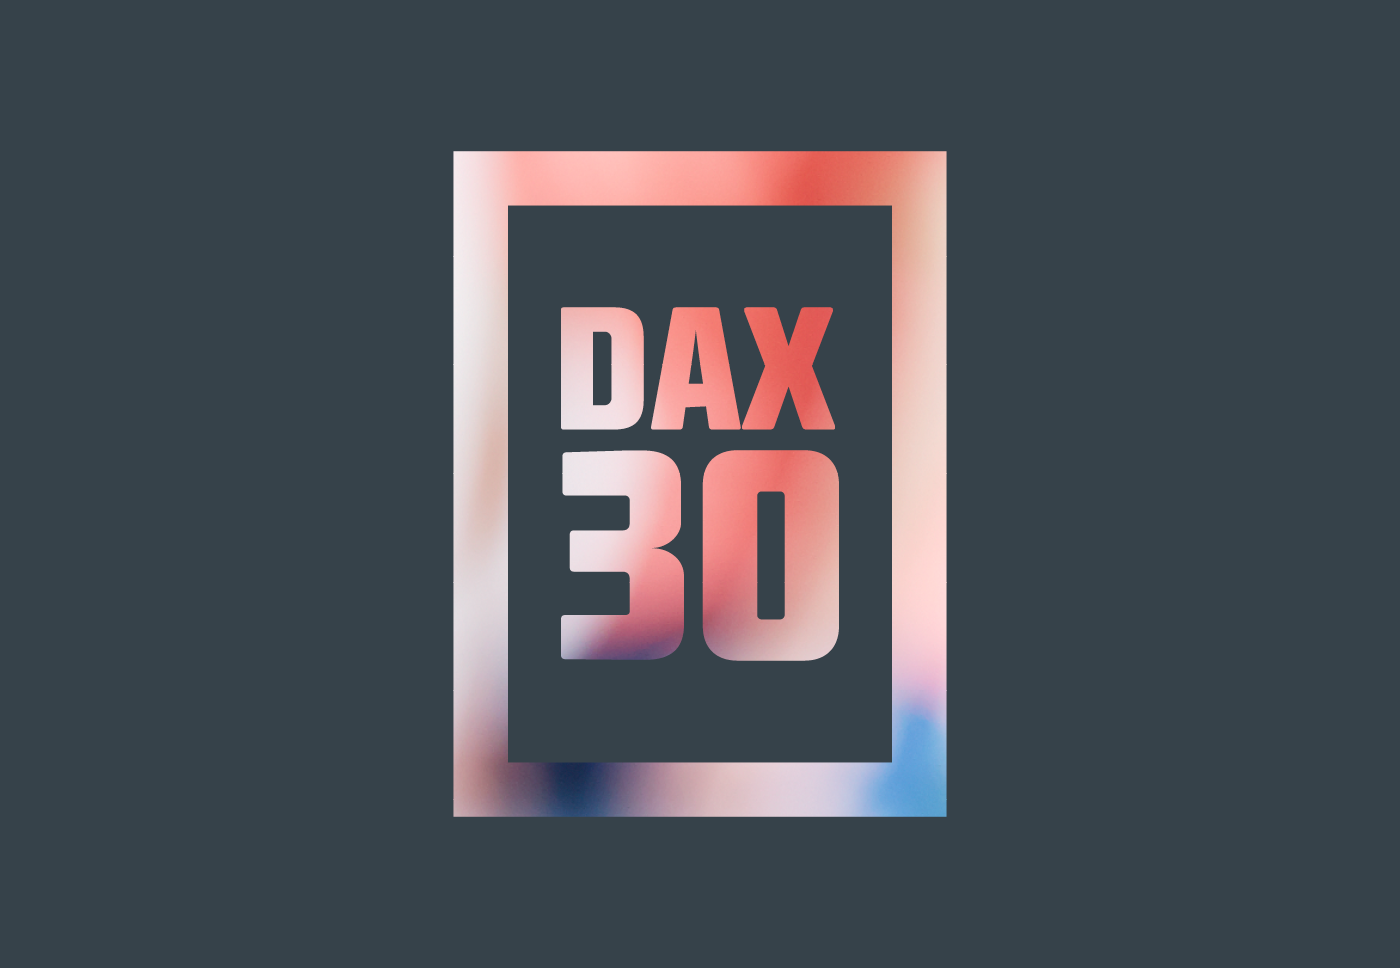 Kurz-Studie: DAX 30 Online-Geschäftsberichte 2014